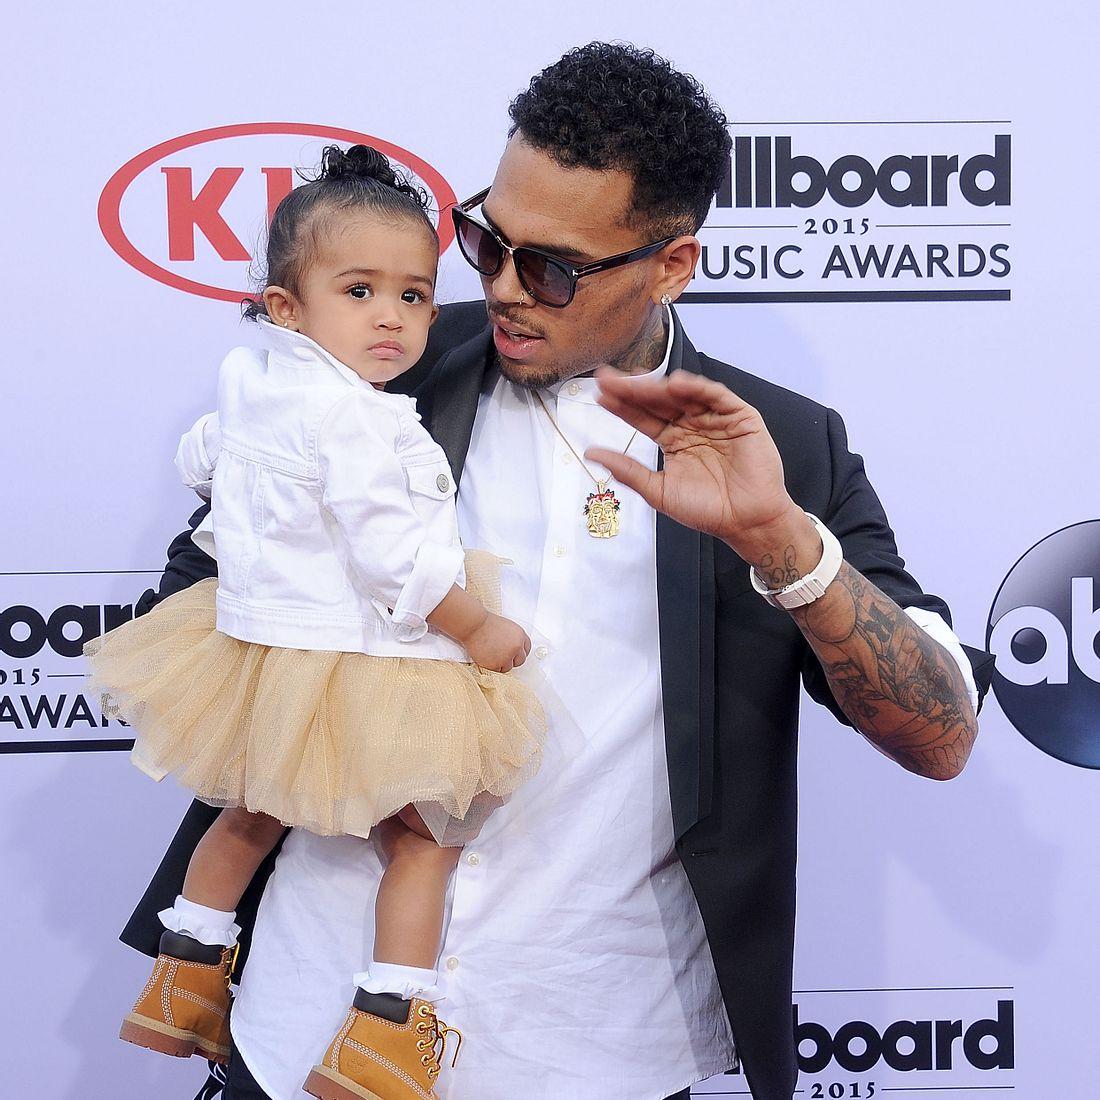 Rauchte Chris Brown neben seiner Tochter?